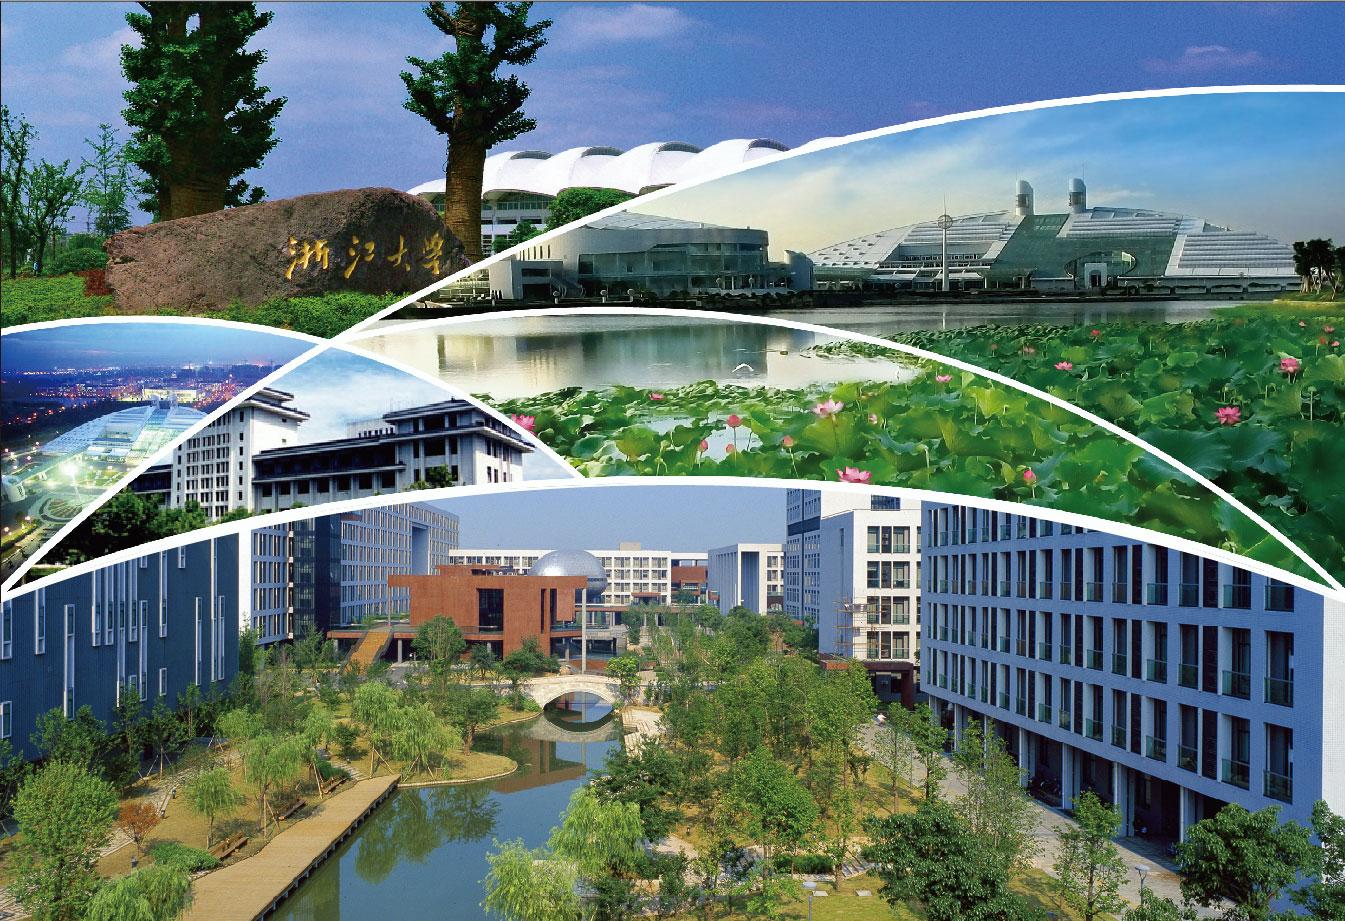 浙江大学冷冻电镜中心成立暨2017冷冻电镜西湖论坛 第一轮会议通知